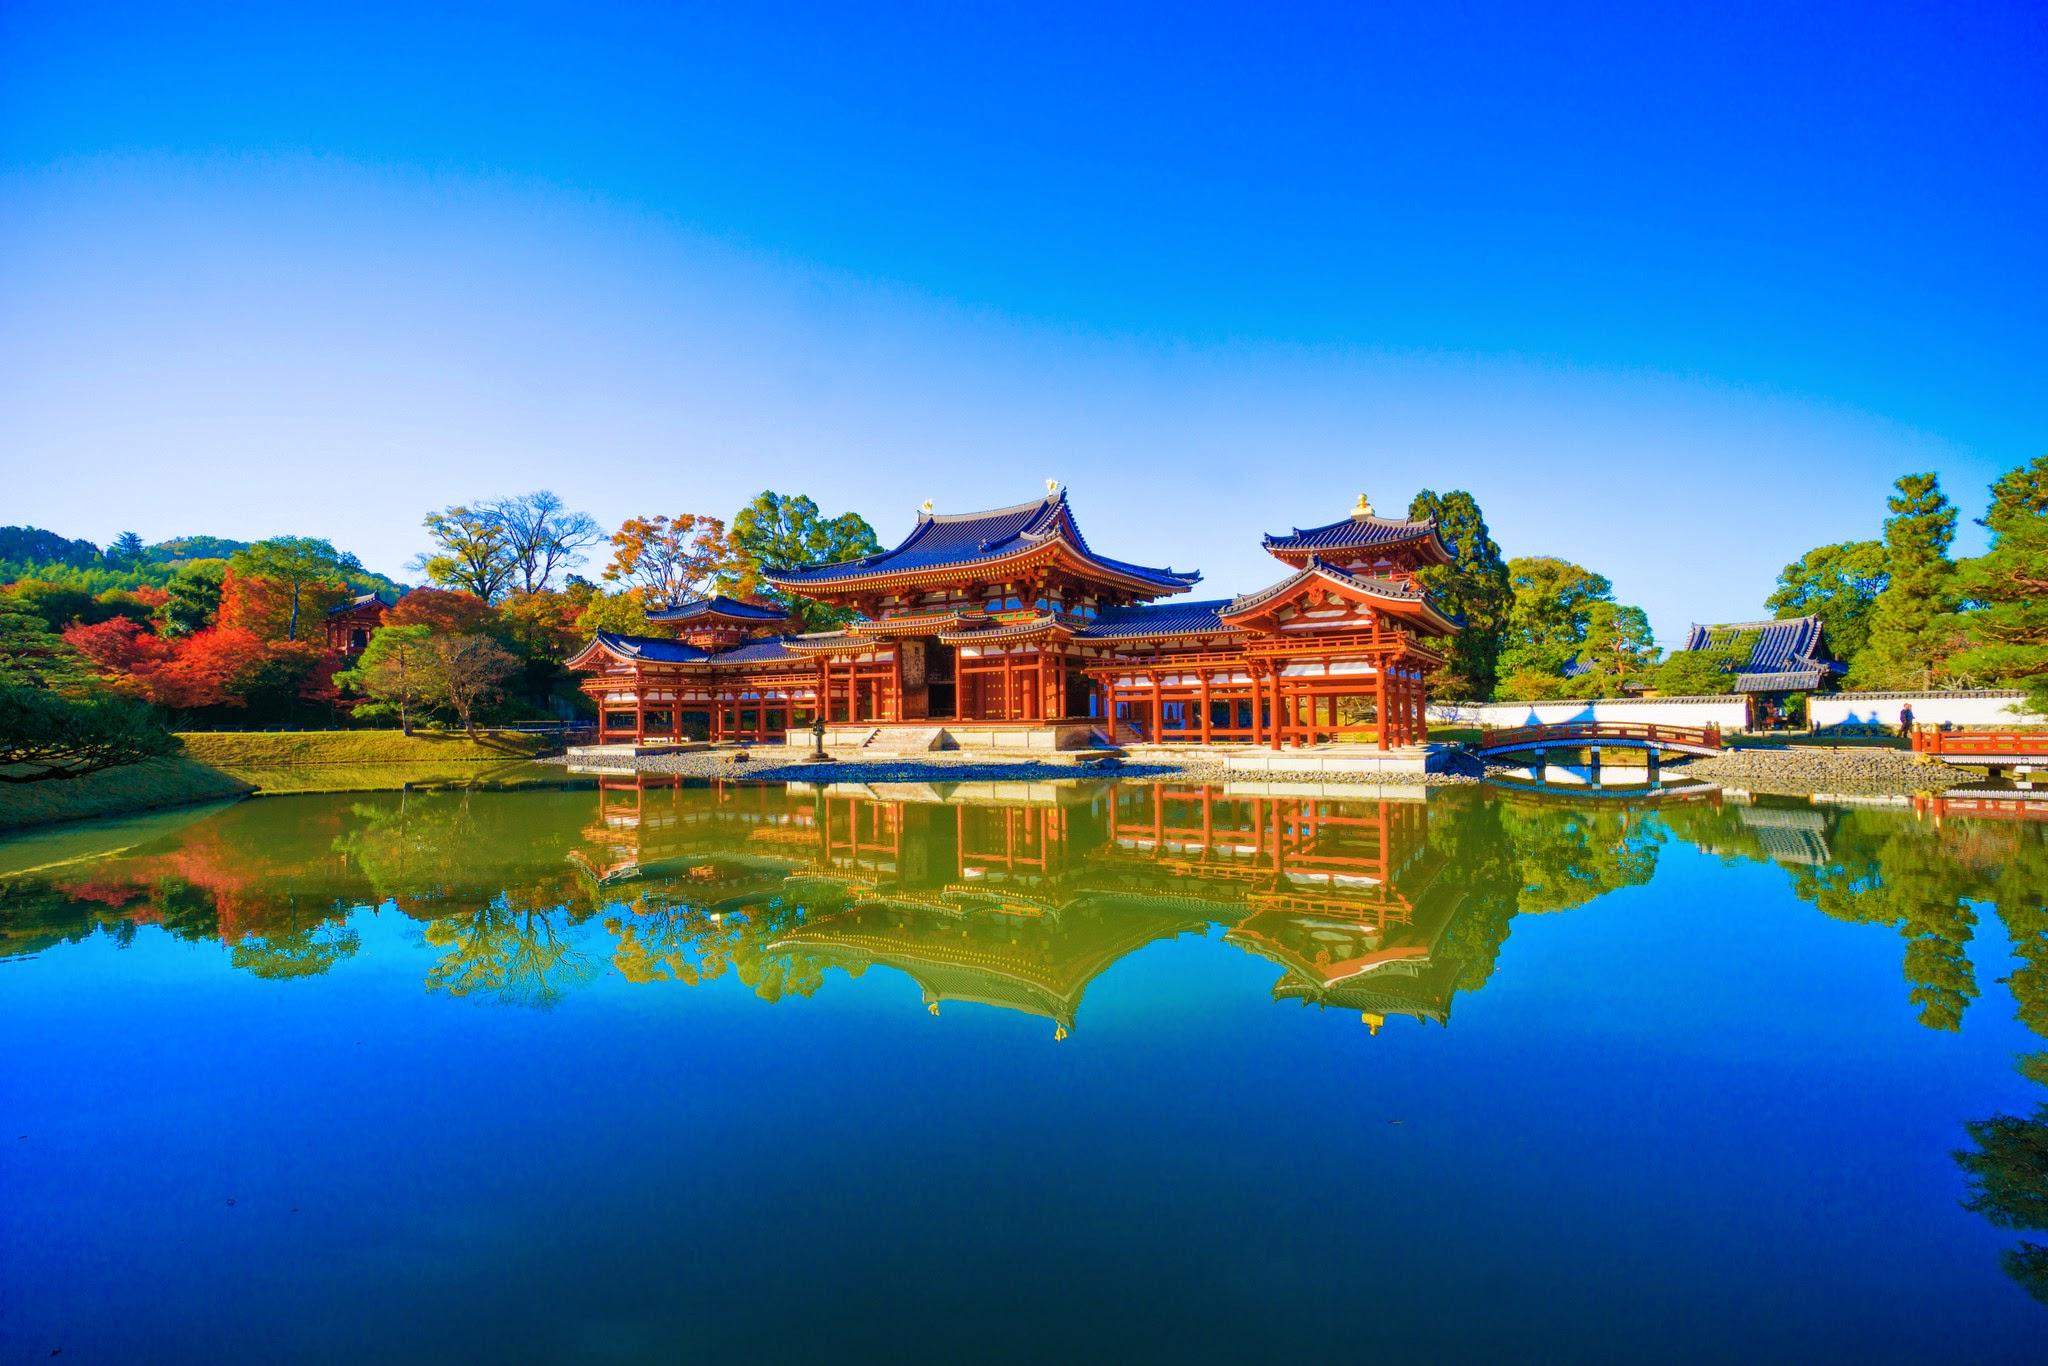 京都 紅葉 平等院鳳凰堂 アイキャッチ画像